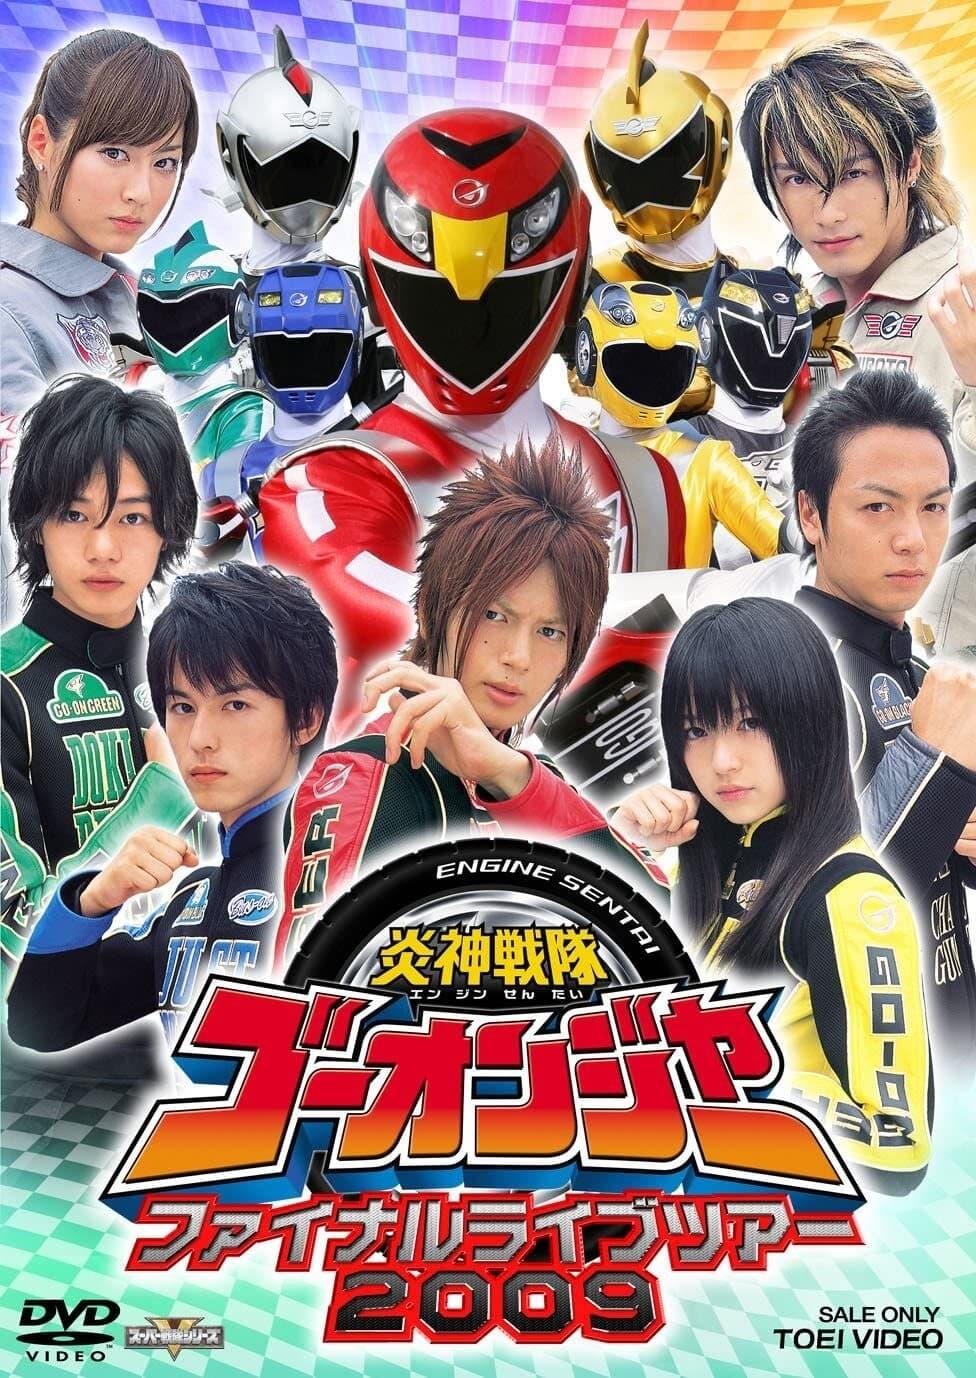 Engine Sentai Go-Onger: Final Live Tour 2009